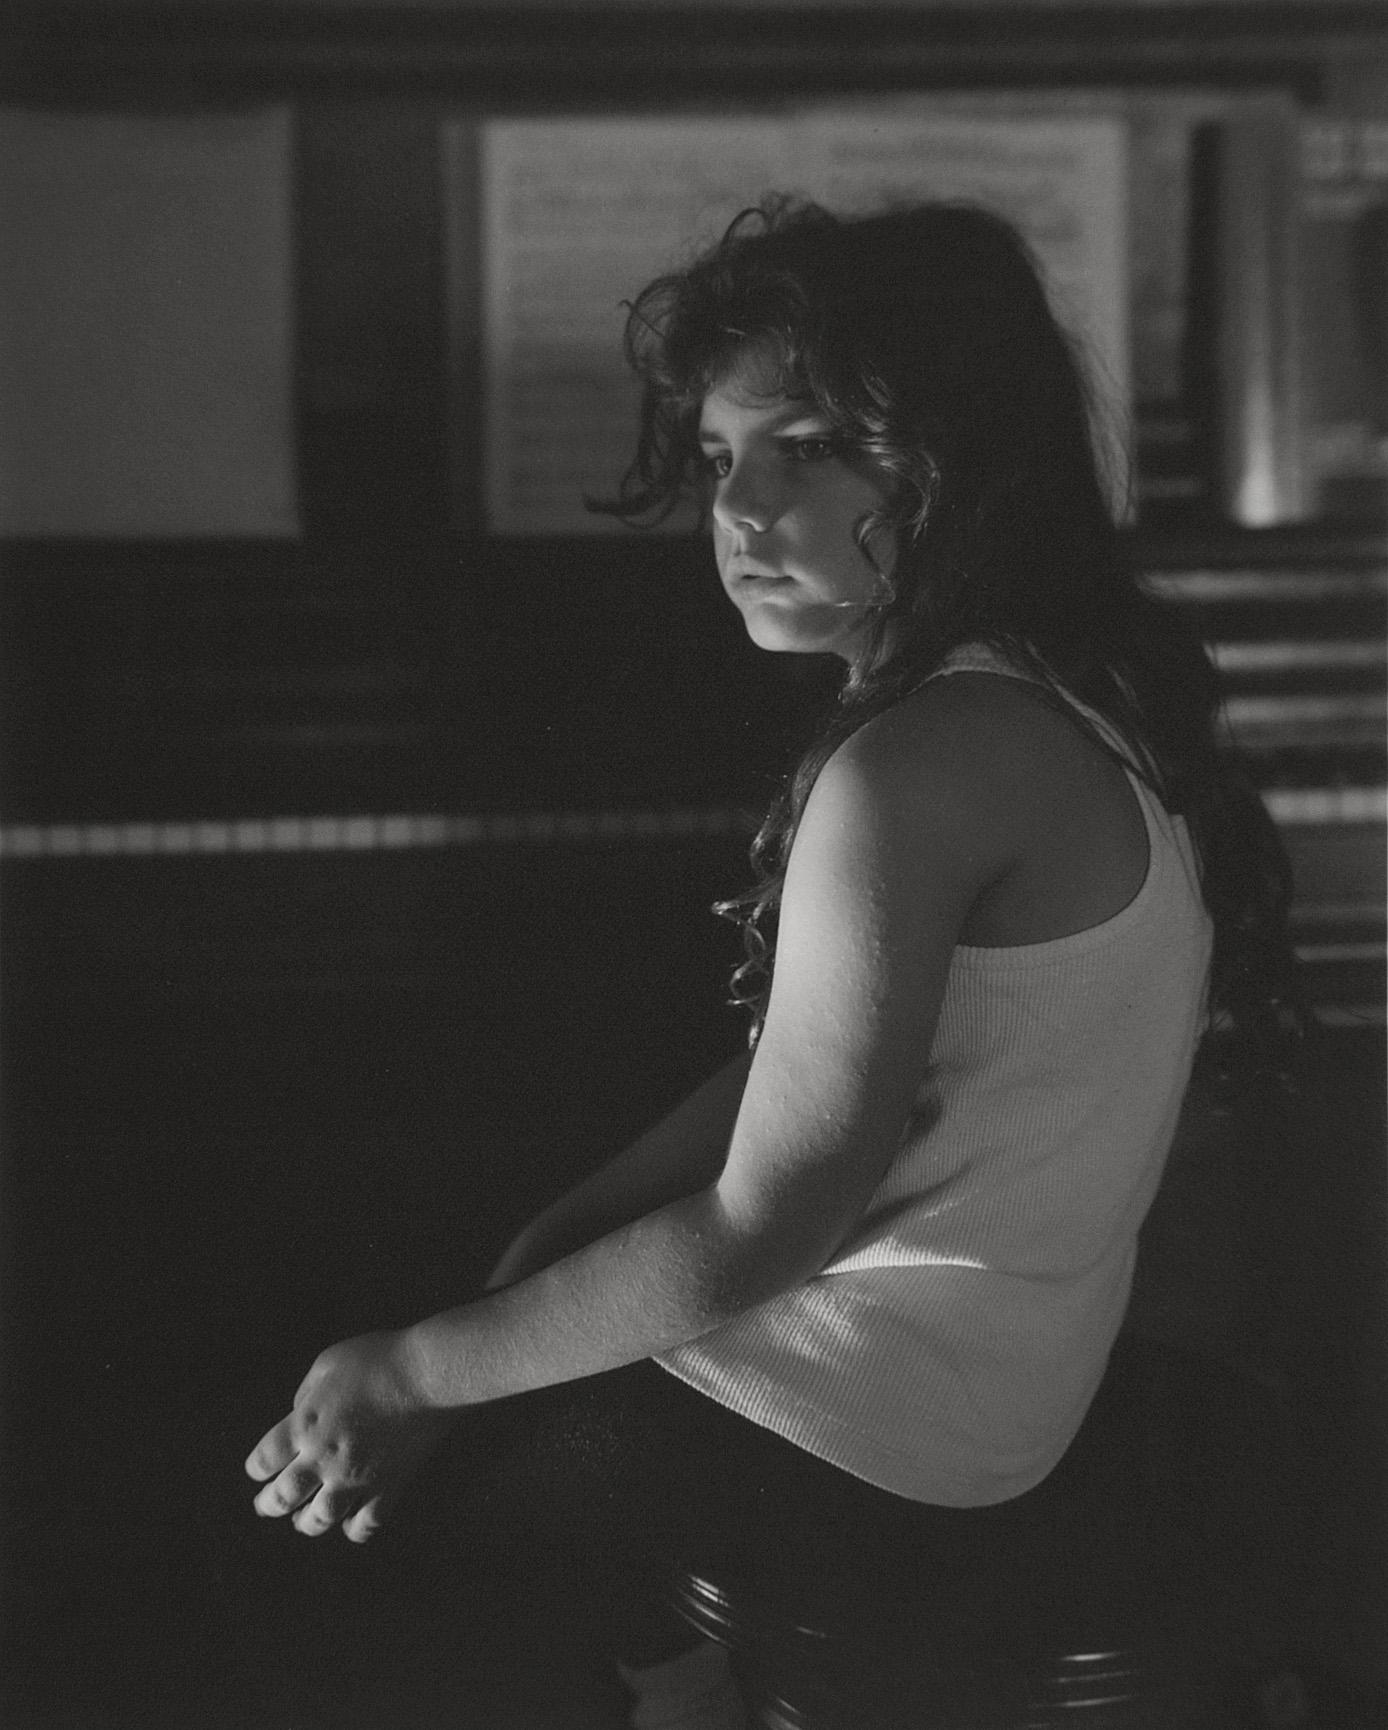 Baldwin, NY - 1988, © Andrea Modica